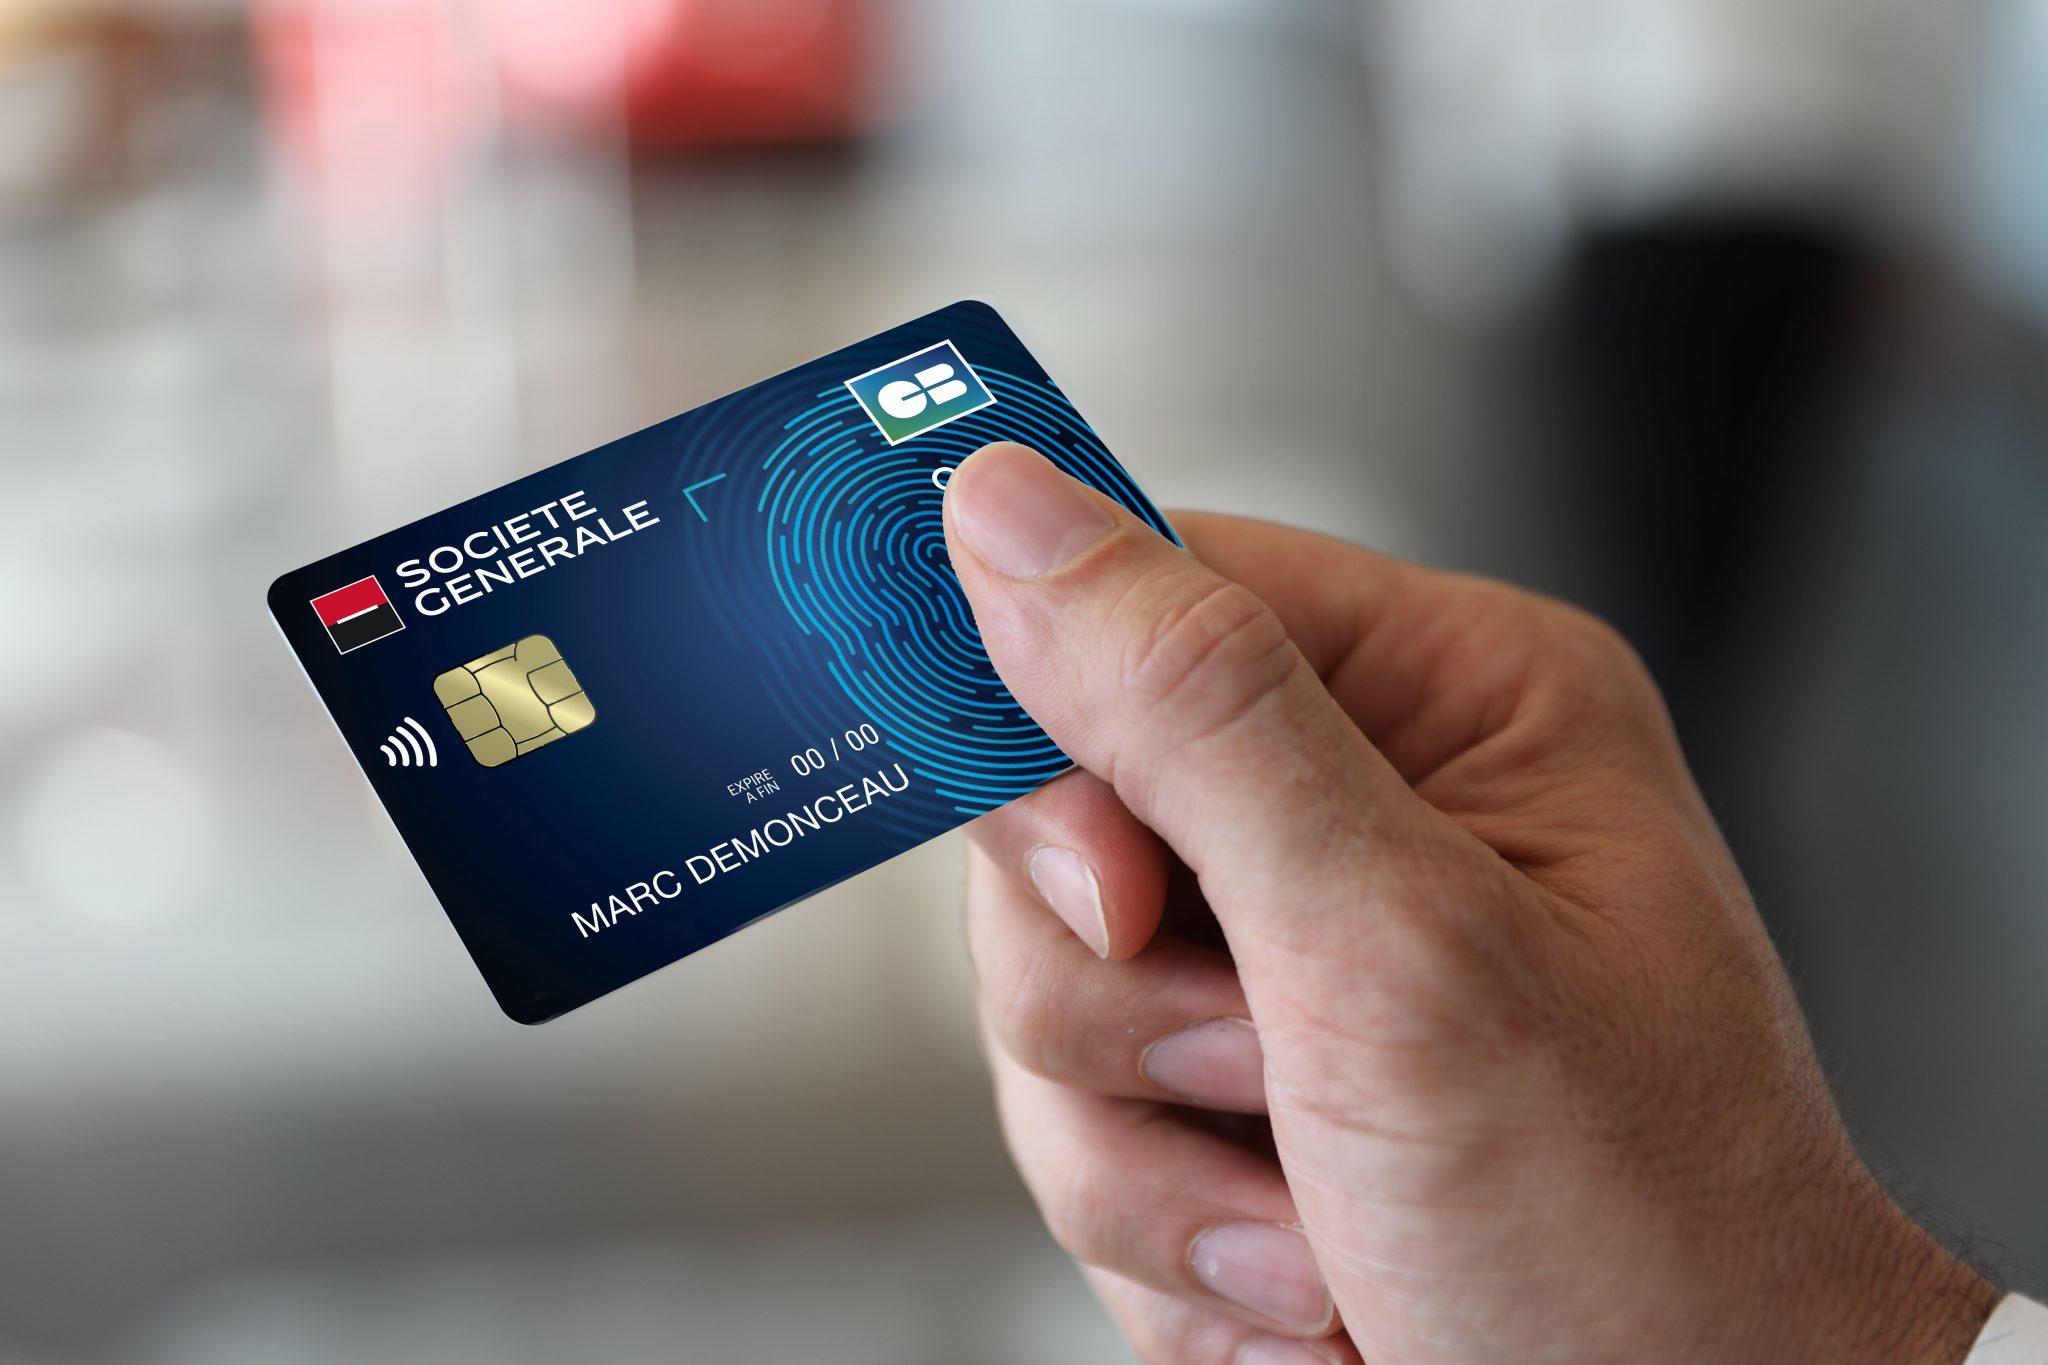 Une Carte Bancaire Avec Un Lecteur D Empreintes Digitales Arrive Mais Ca Sert A Quoi